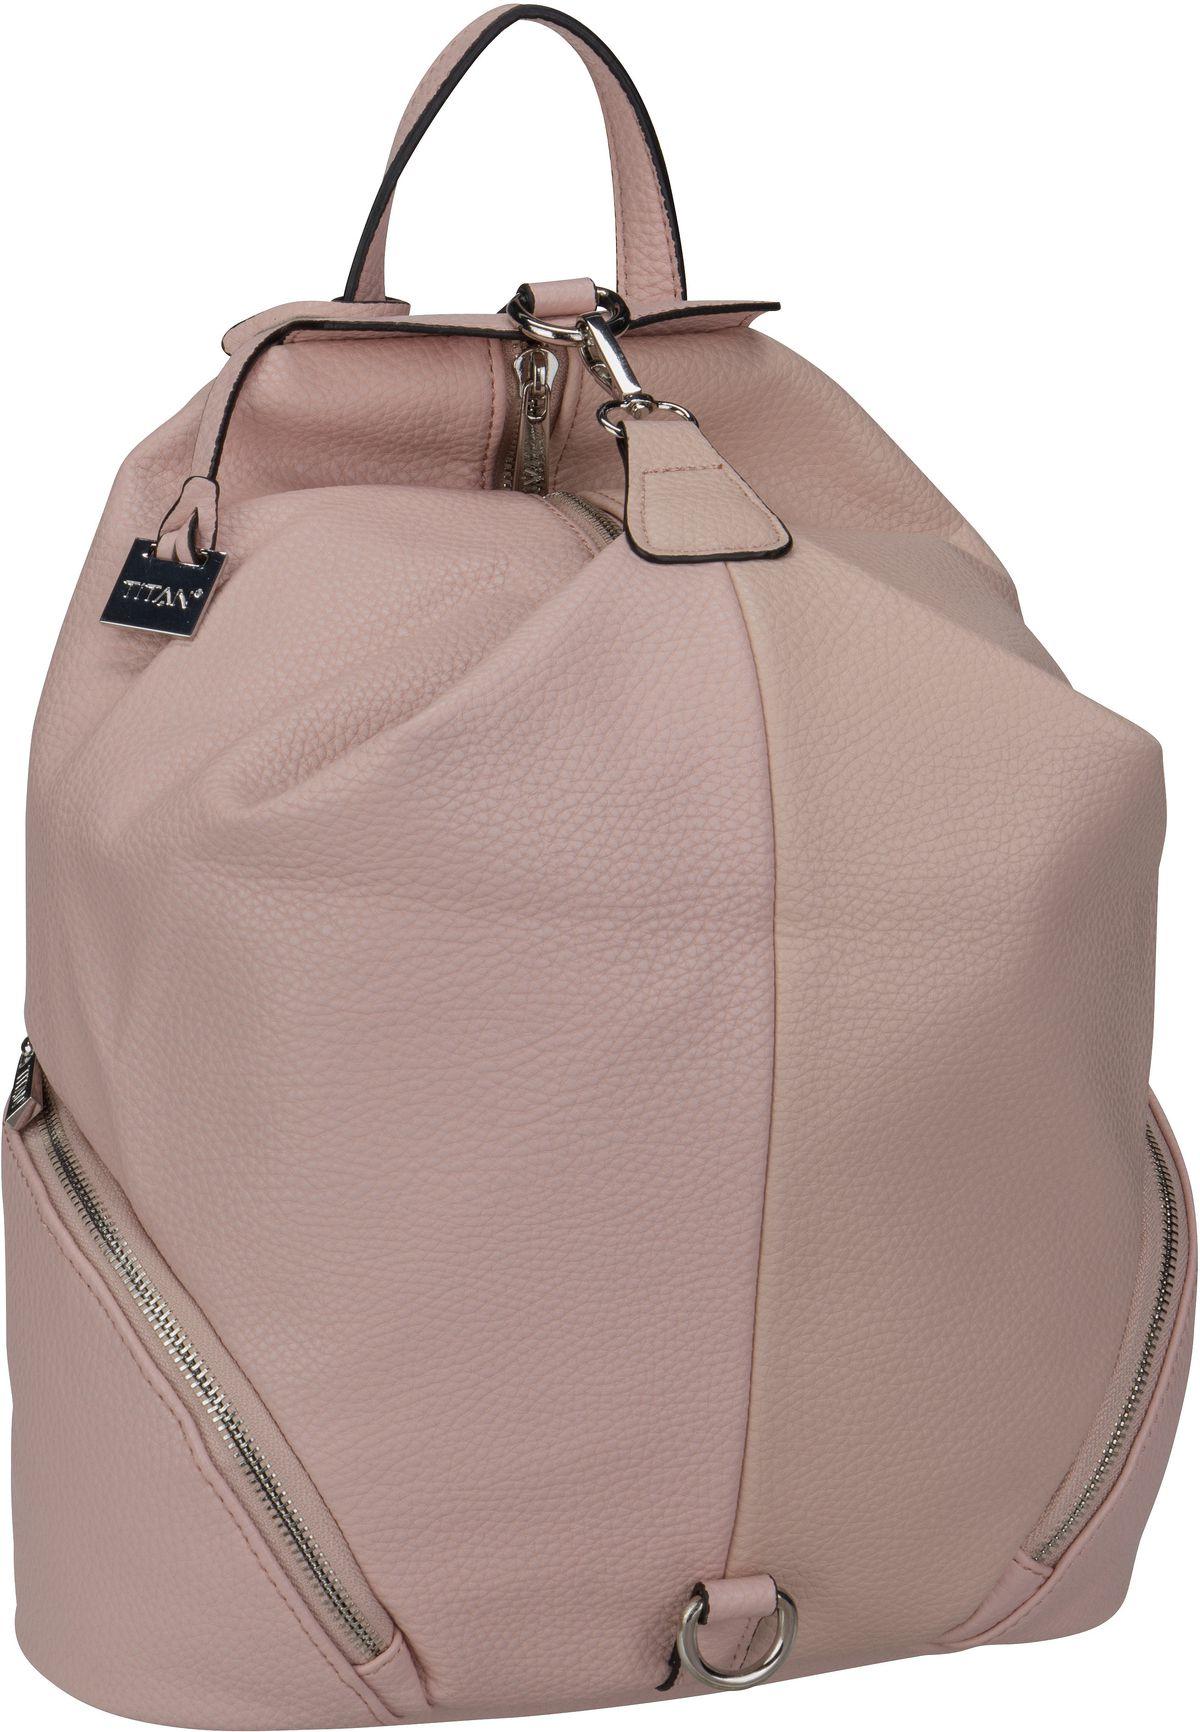 Rucksack / Daypack Spotlight City Backpack Wild Rose (10 Liter)